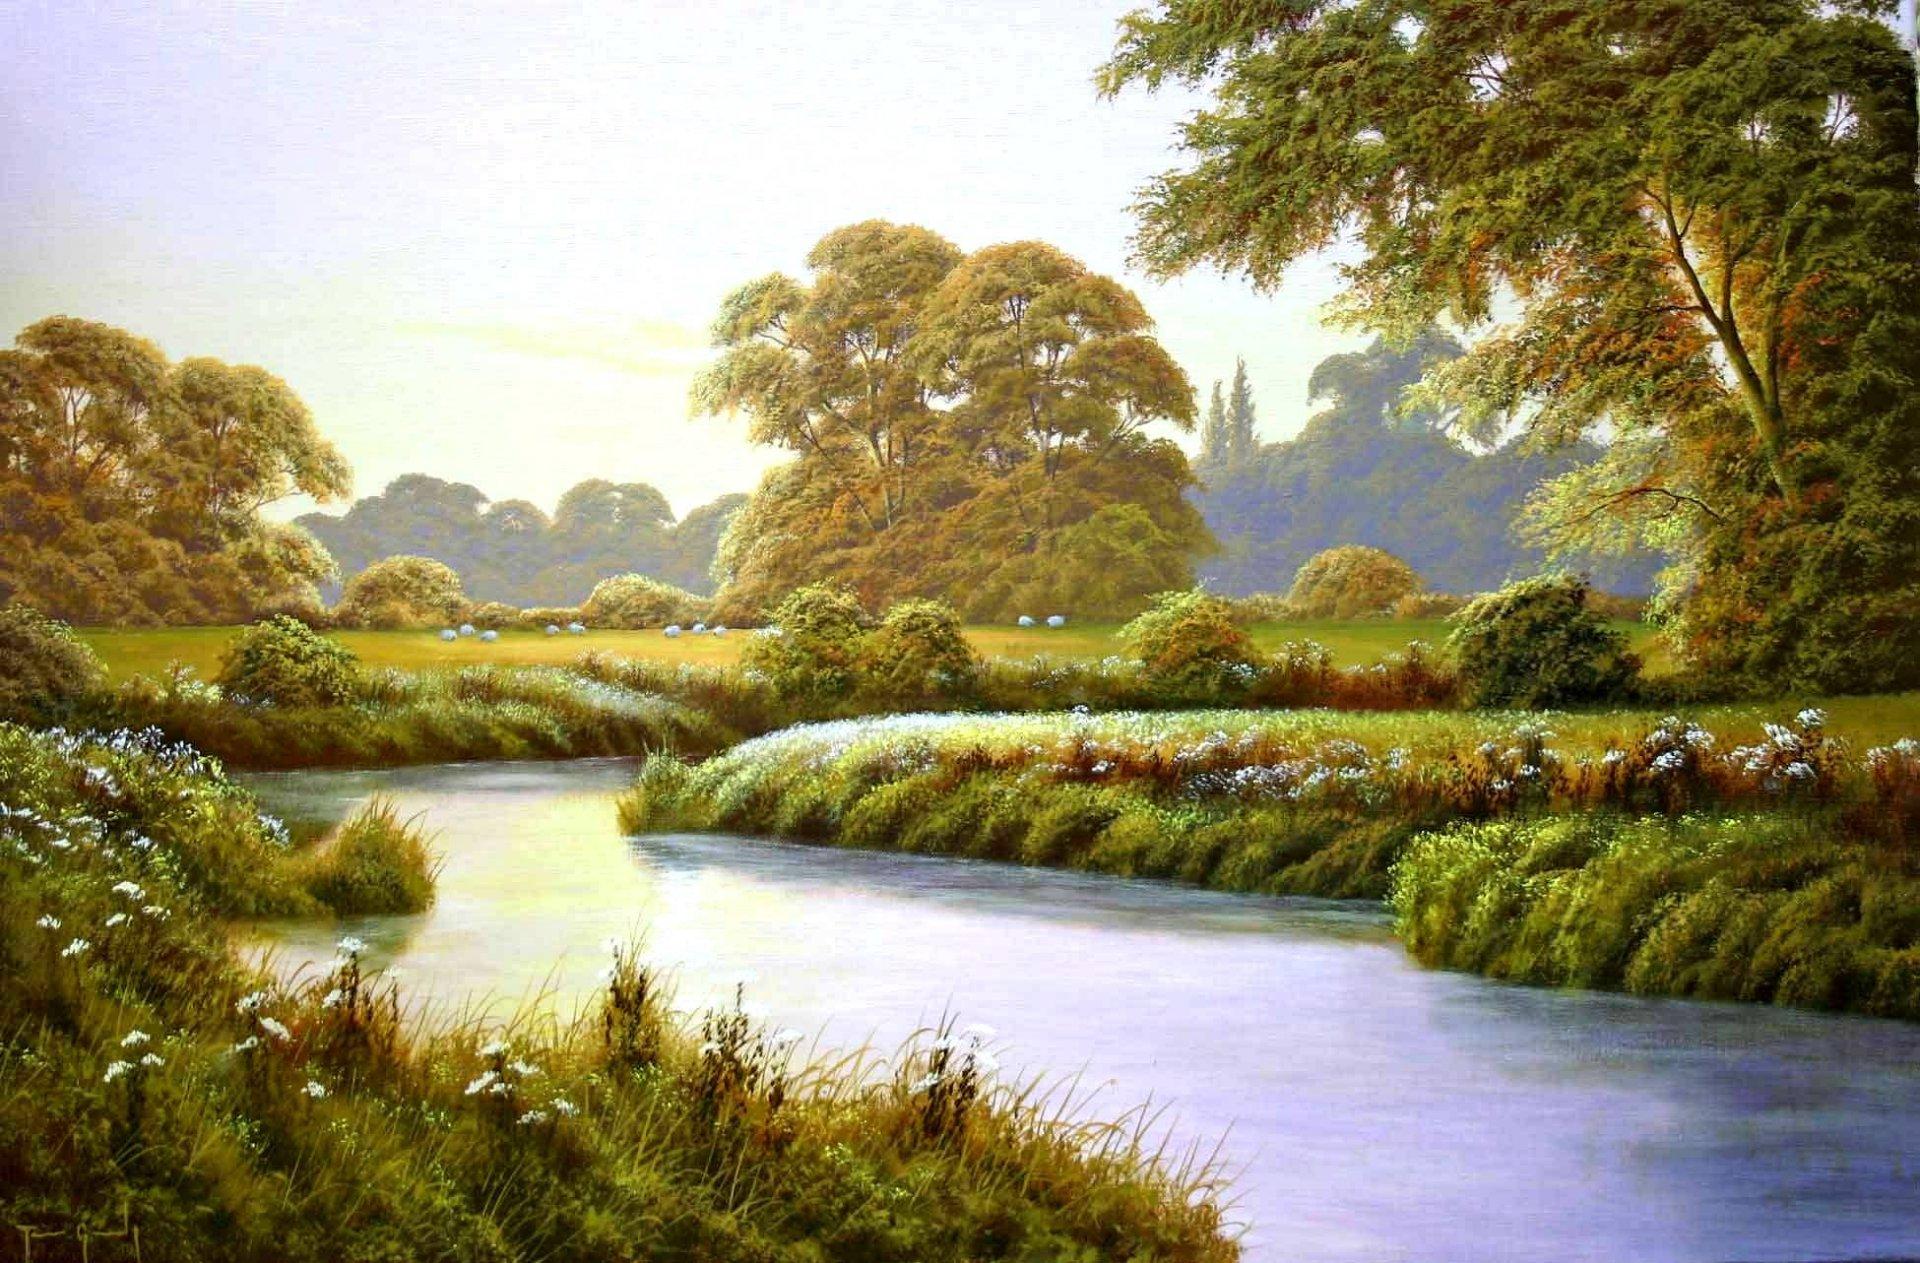 Картинки на которых изображена природа